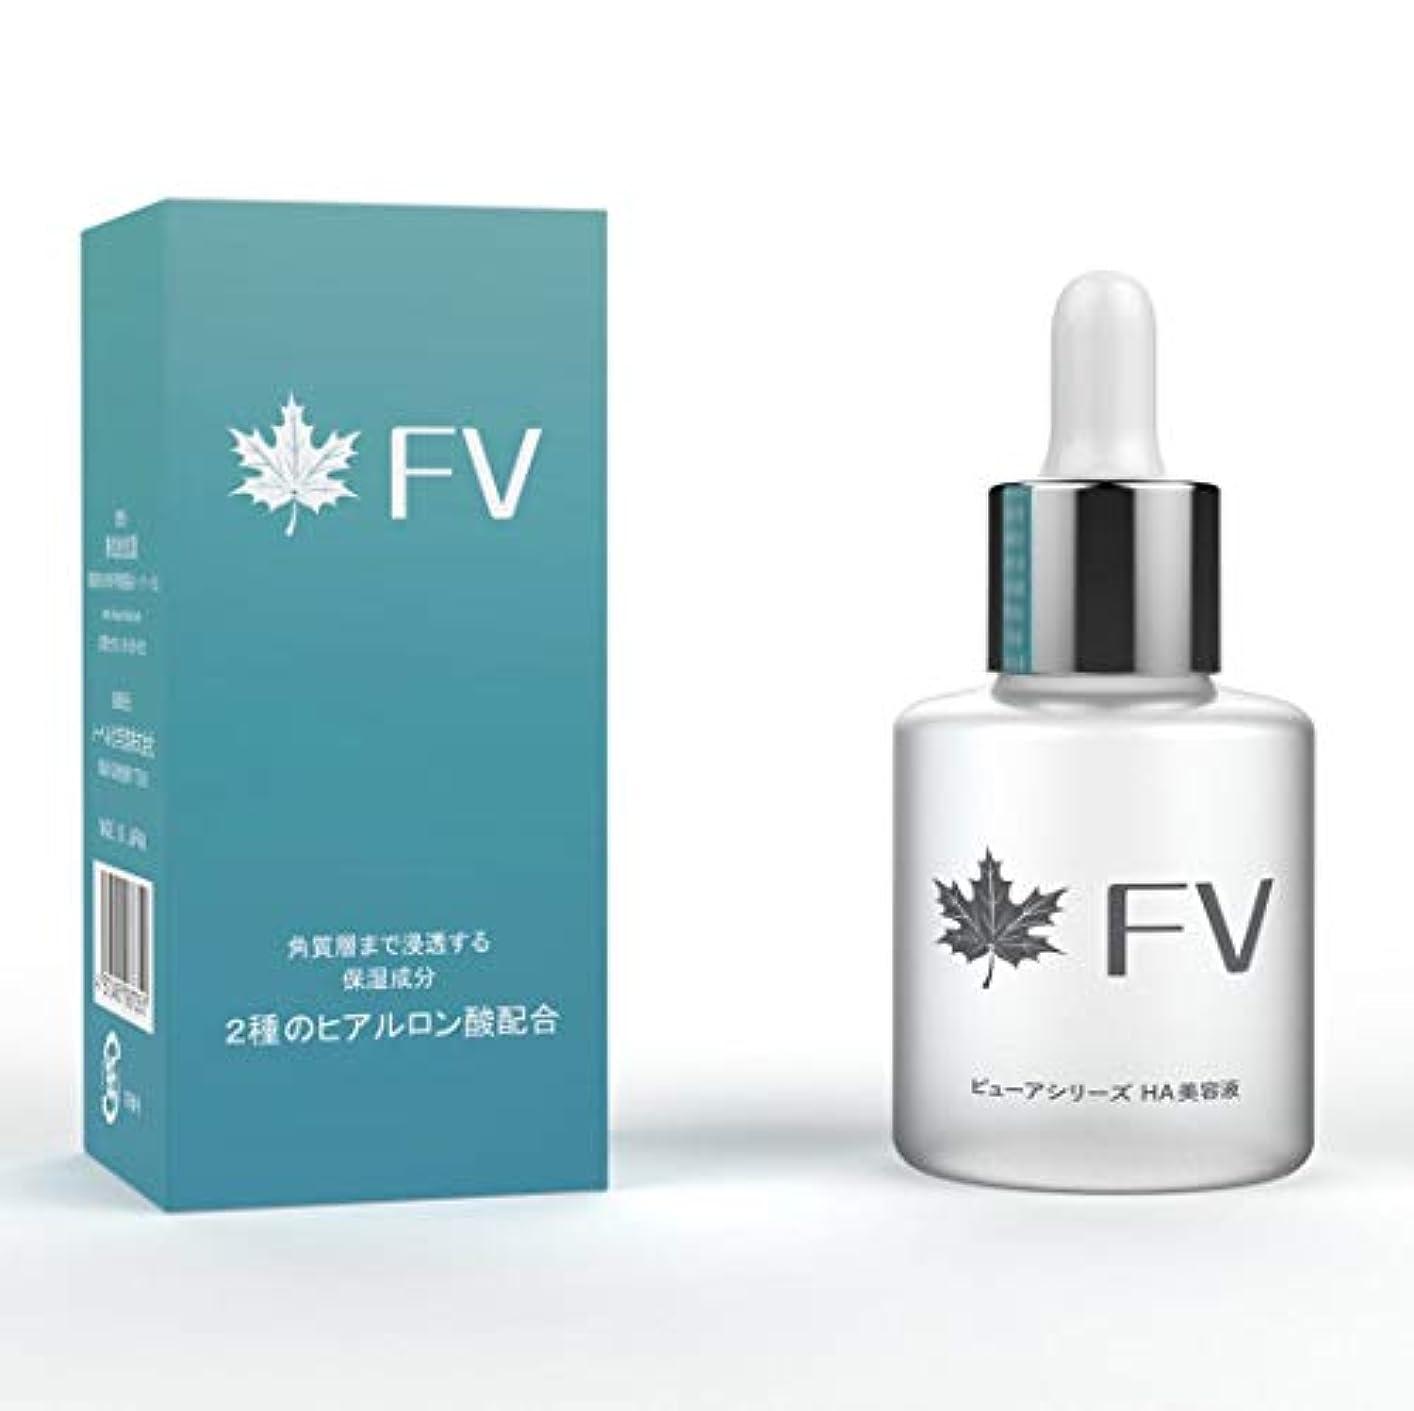 勝利した認めるダイヤモンドFV ヒアルロン酸原液(美容液)30ml 高分子超保湿キャッチ型と低分子修復リペア型 2種のヒアルロン酸  日本製